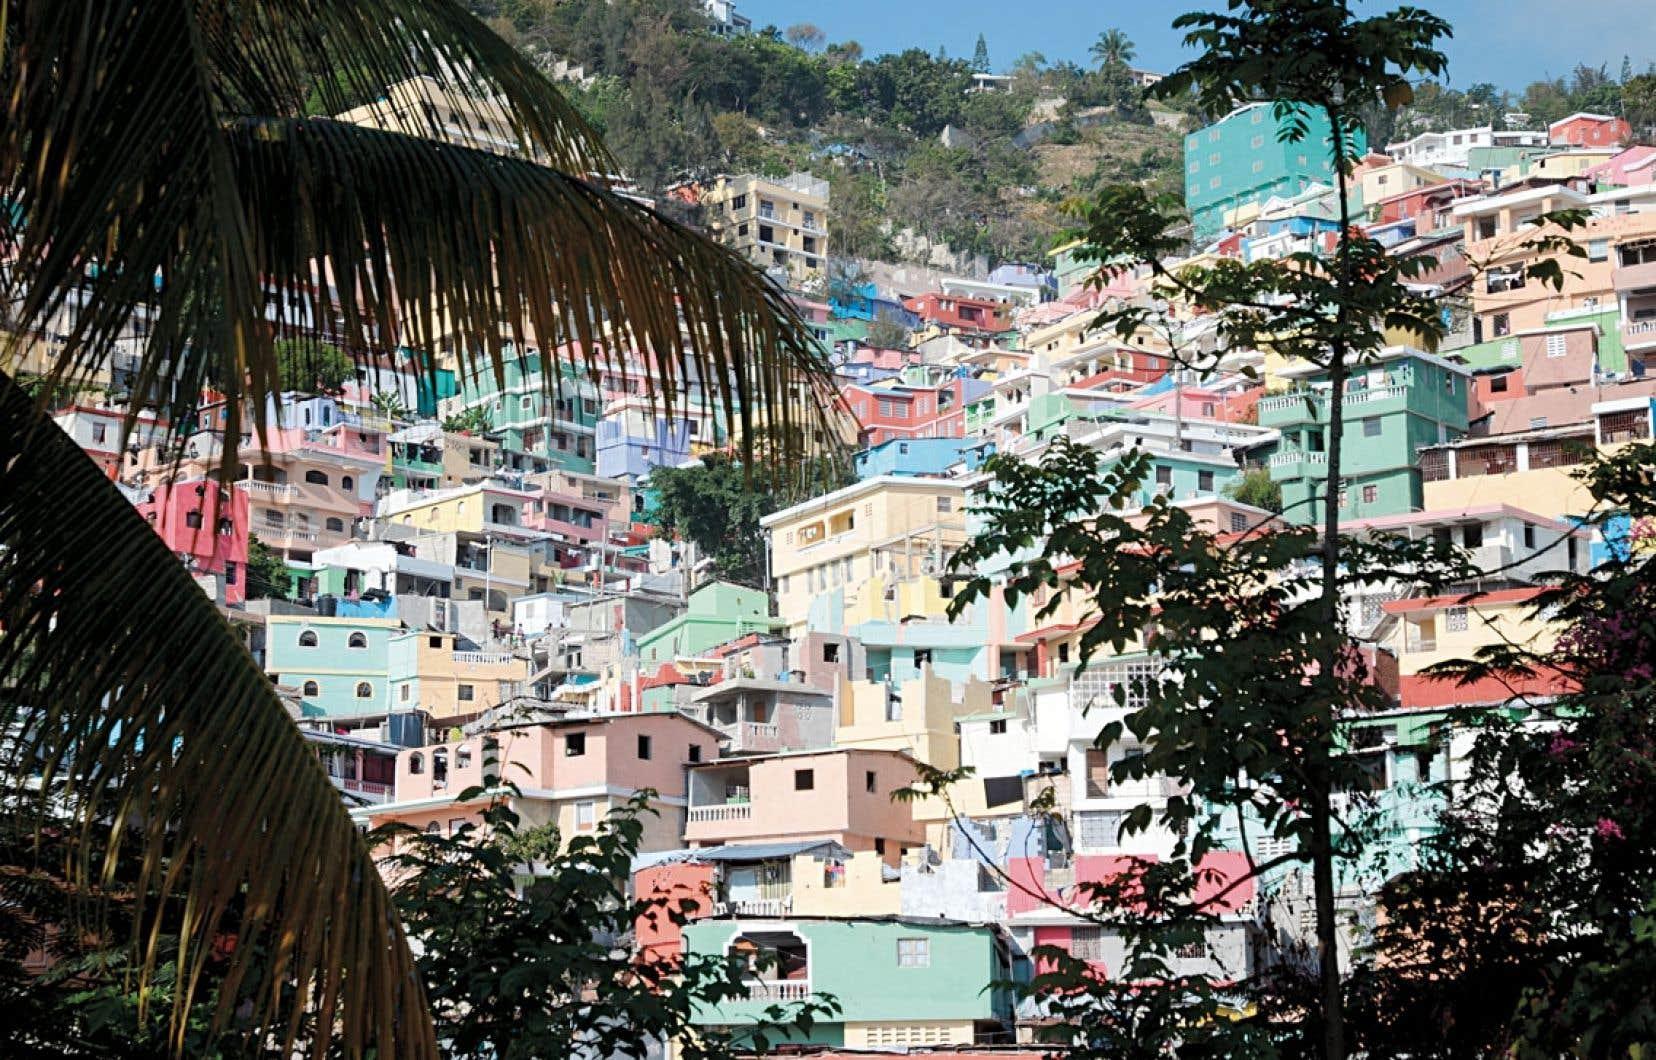 Le bidonville de Jalousie, un quartier dè Pé?tion-Ville en Haïti, s'inspire de la ville imaginaire du peintre jacmeélien Préfète Duffaut.